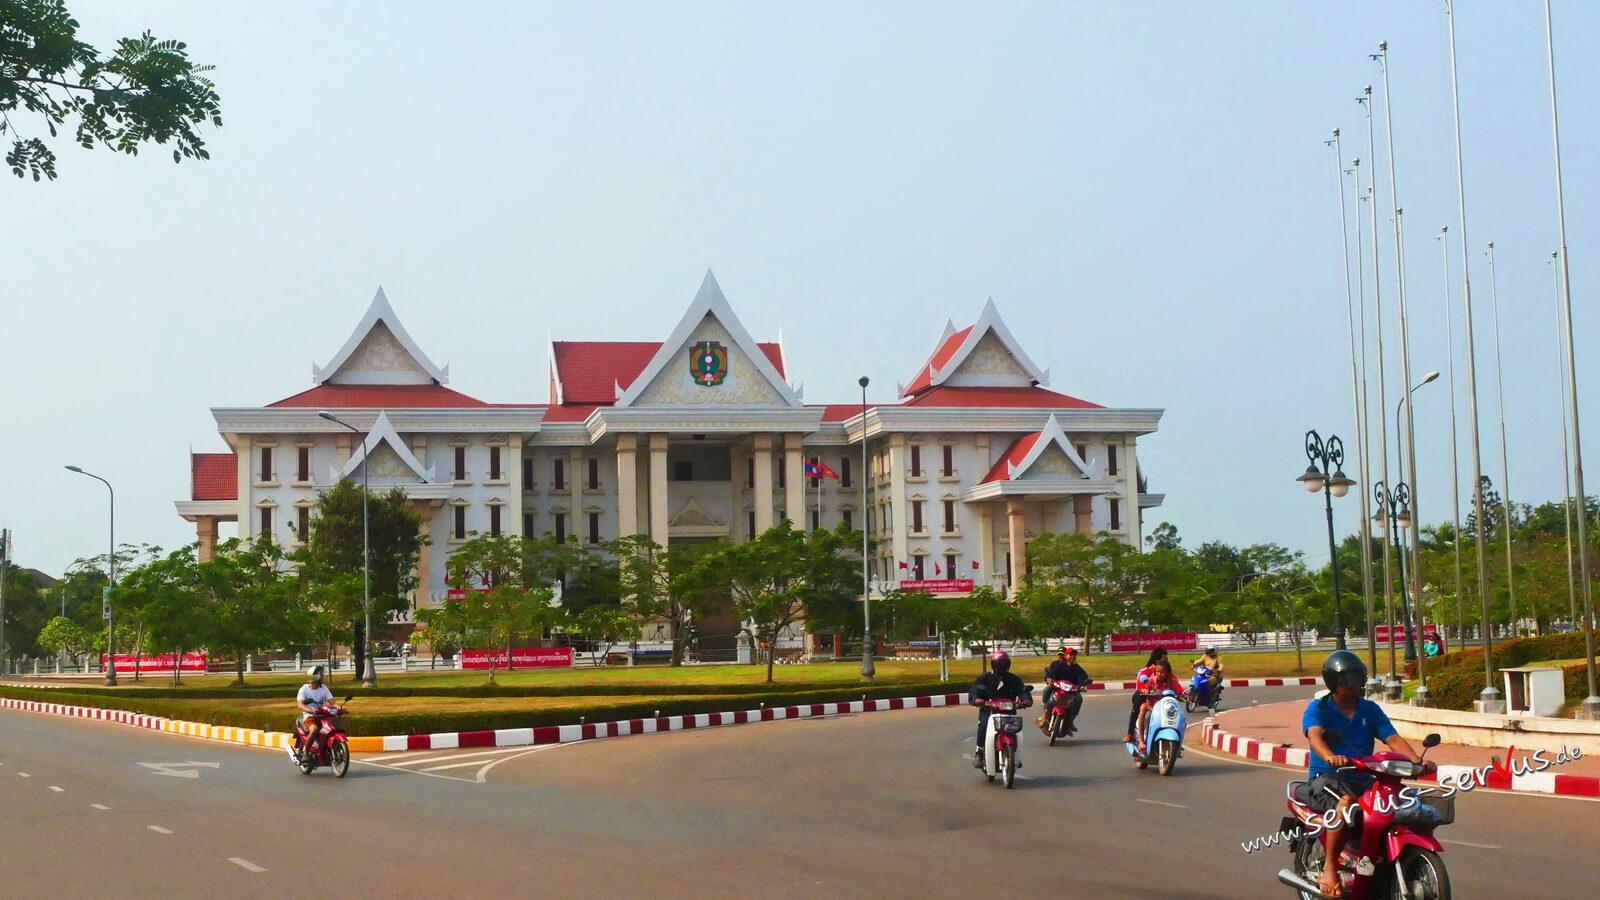 Laos, vientiane, Museum